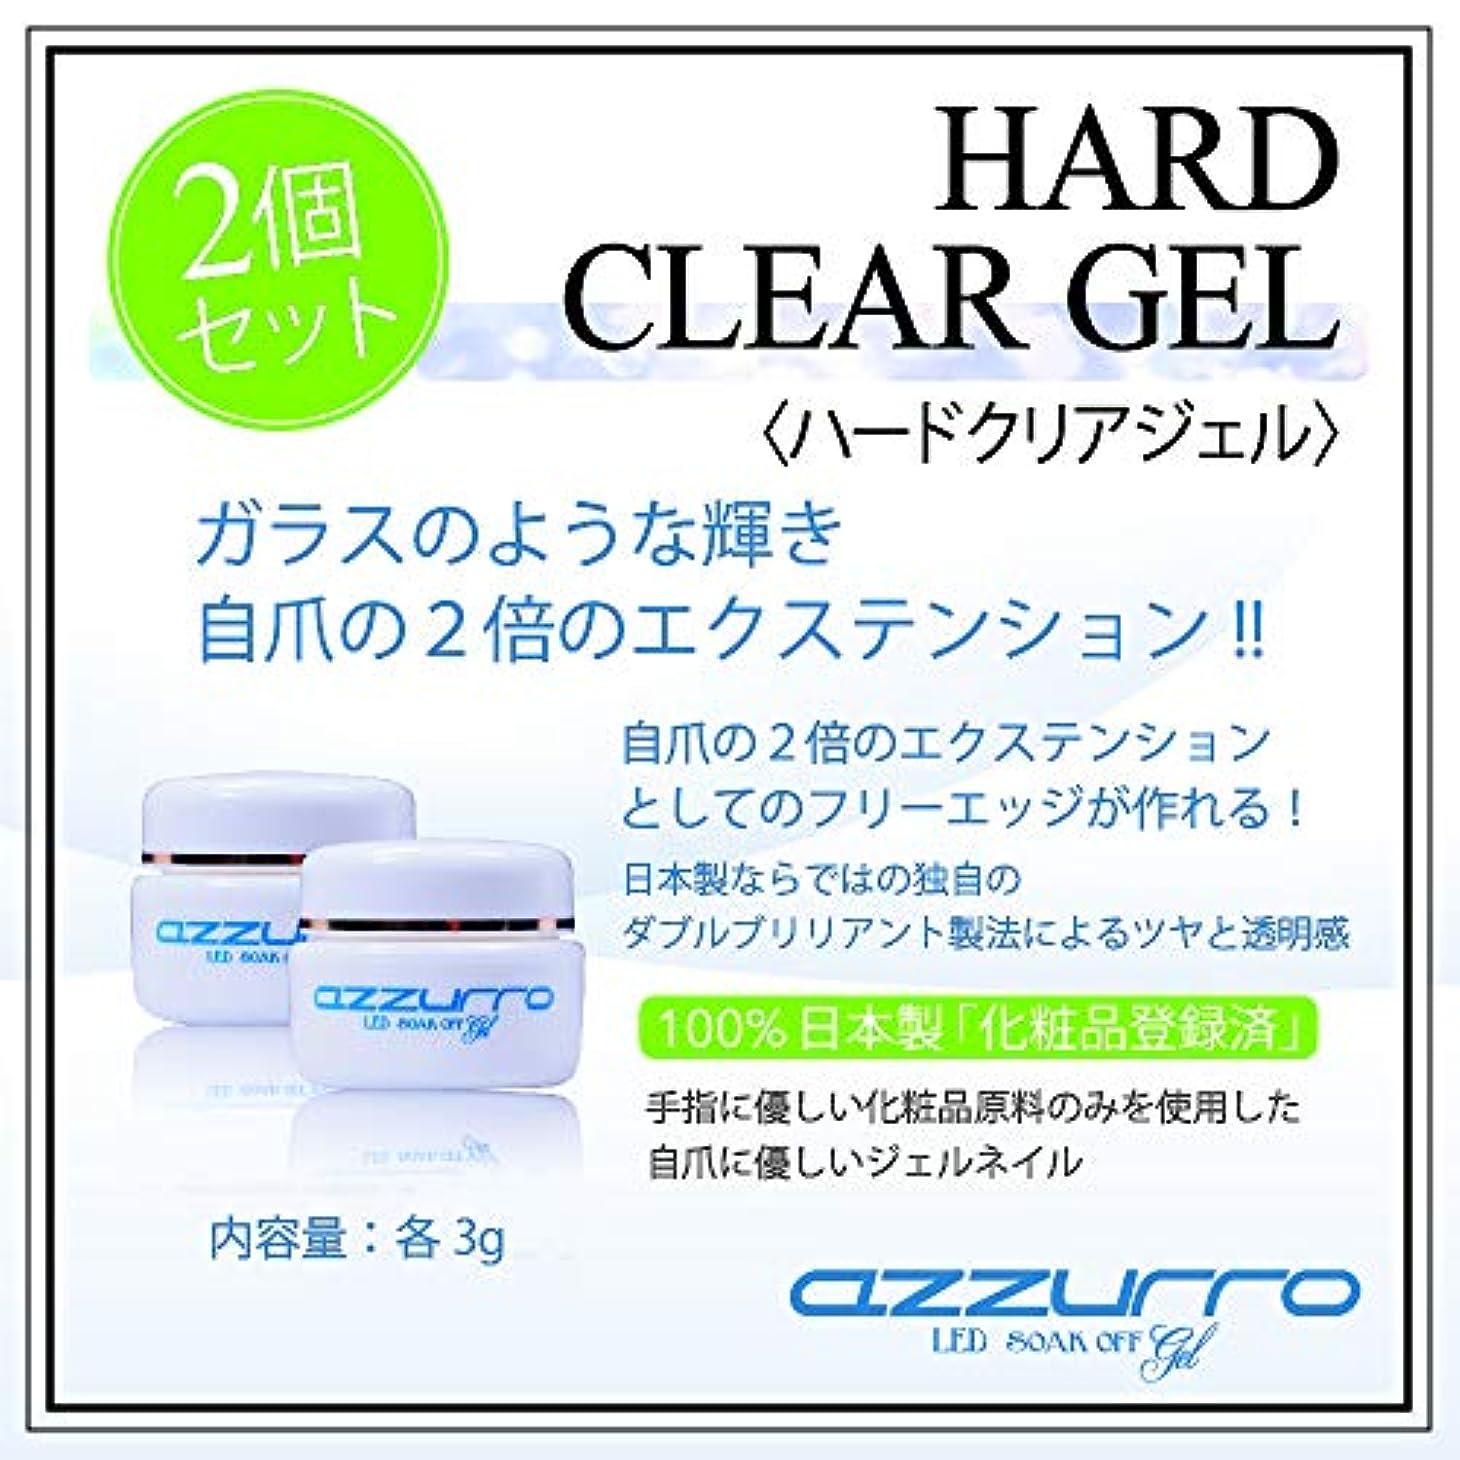 俳句アーチバズazzurro gel アッズーロハードクリアージェル 3g お得な2個セット キラキラ感持続 抜群のツヤ